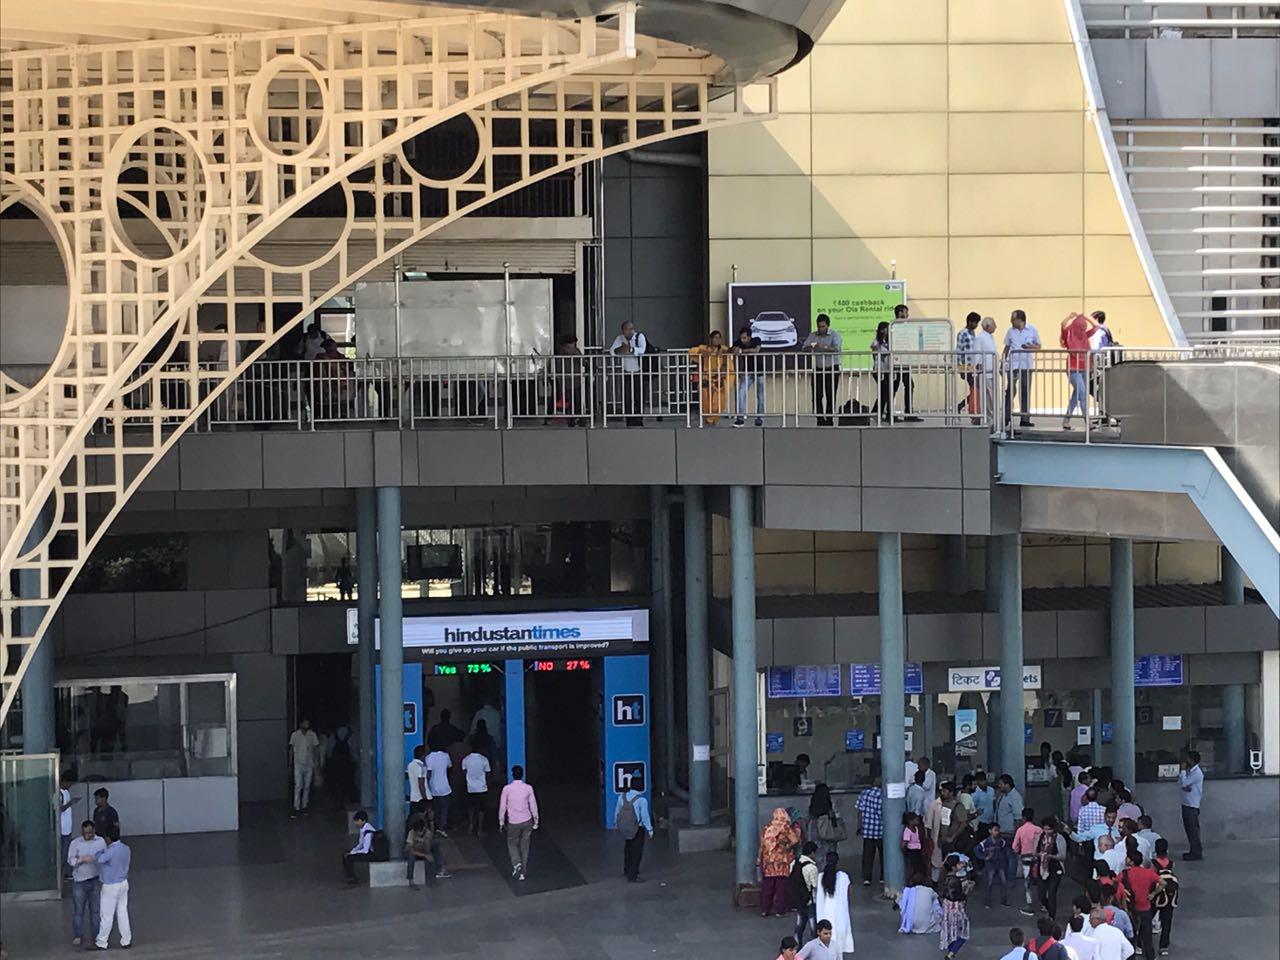 #Metrospeaks outdoor advertising campaign